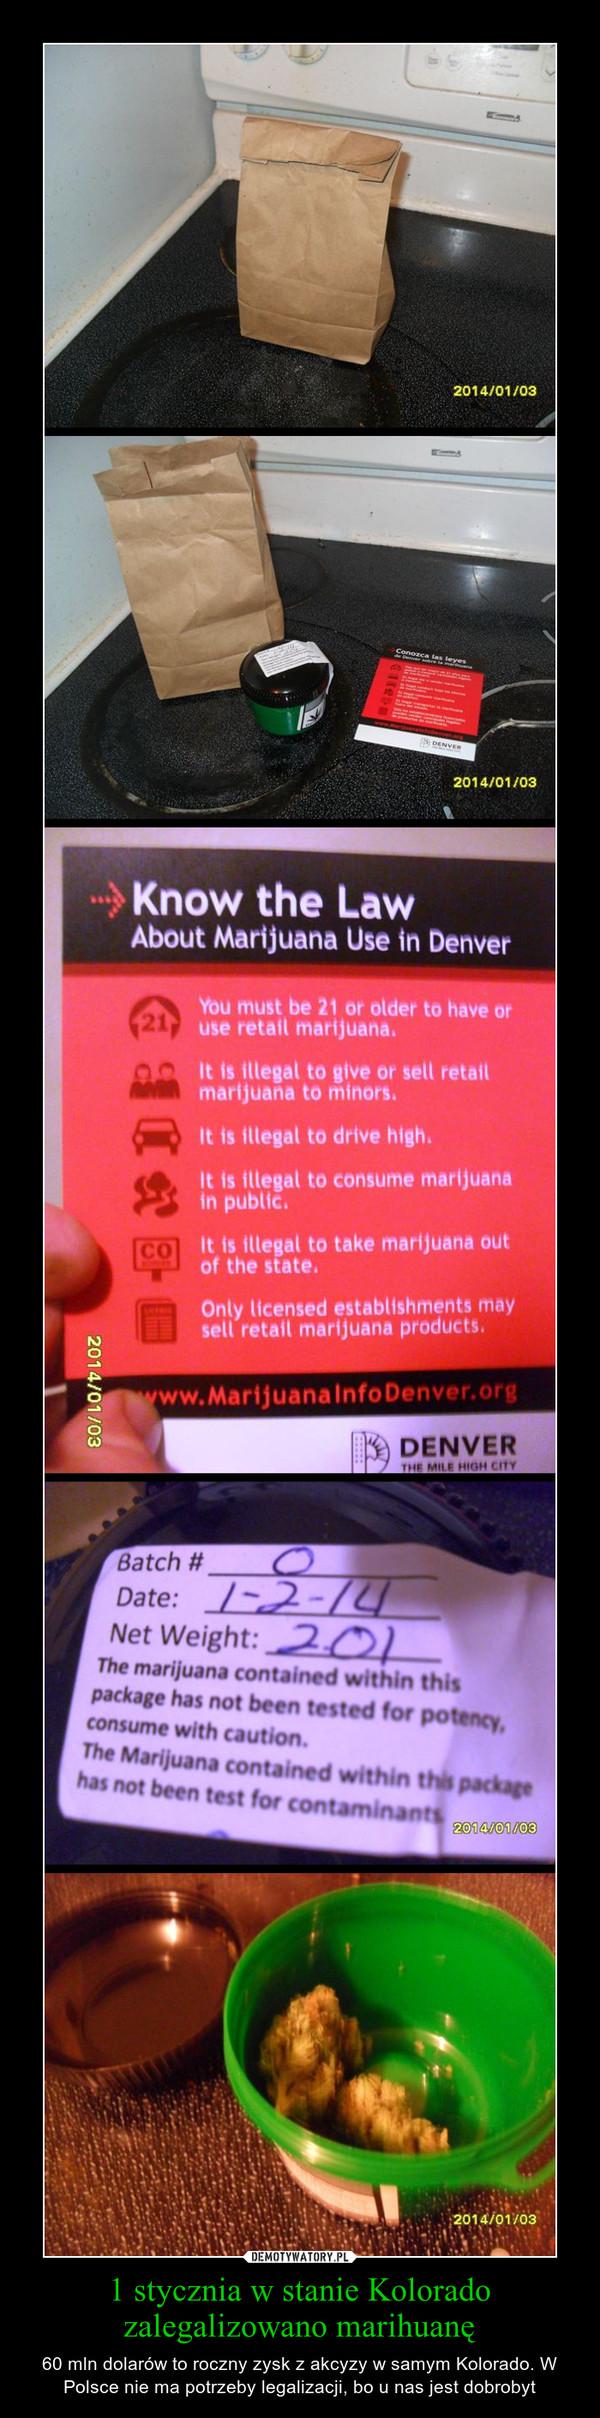 1 stycznia w stanie Kolorado zalegalizowano marihuanę – 60 mln dolarów to roczny zysk z akcyzy w samym Kolorado. W Polsce nie ma potrzeby legalizacji, bo u nas jest dobrobyt